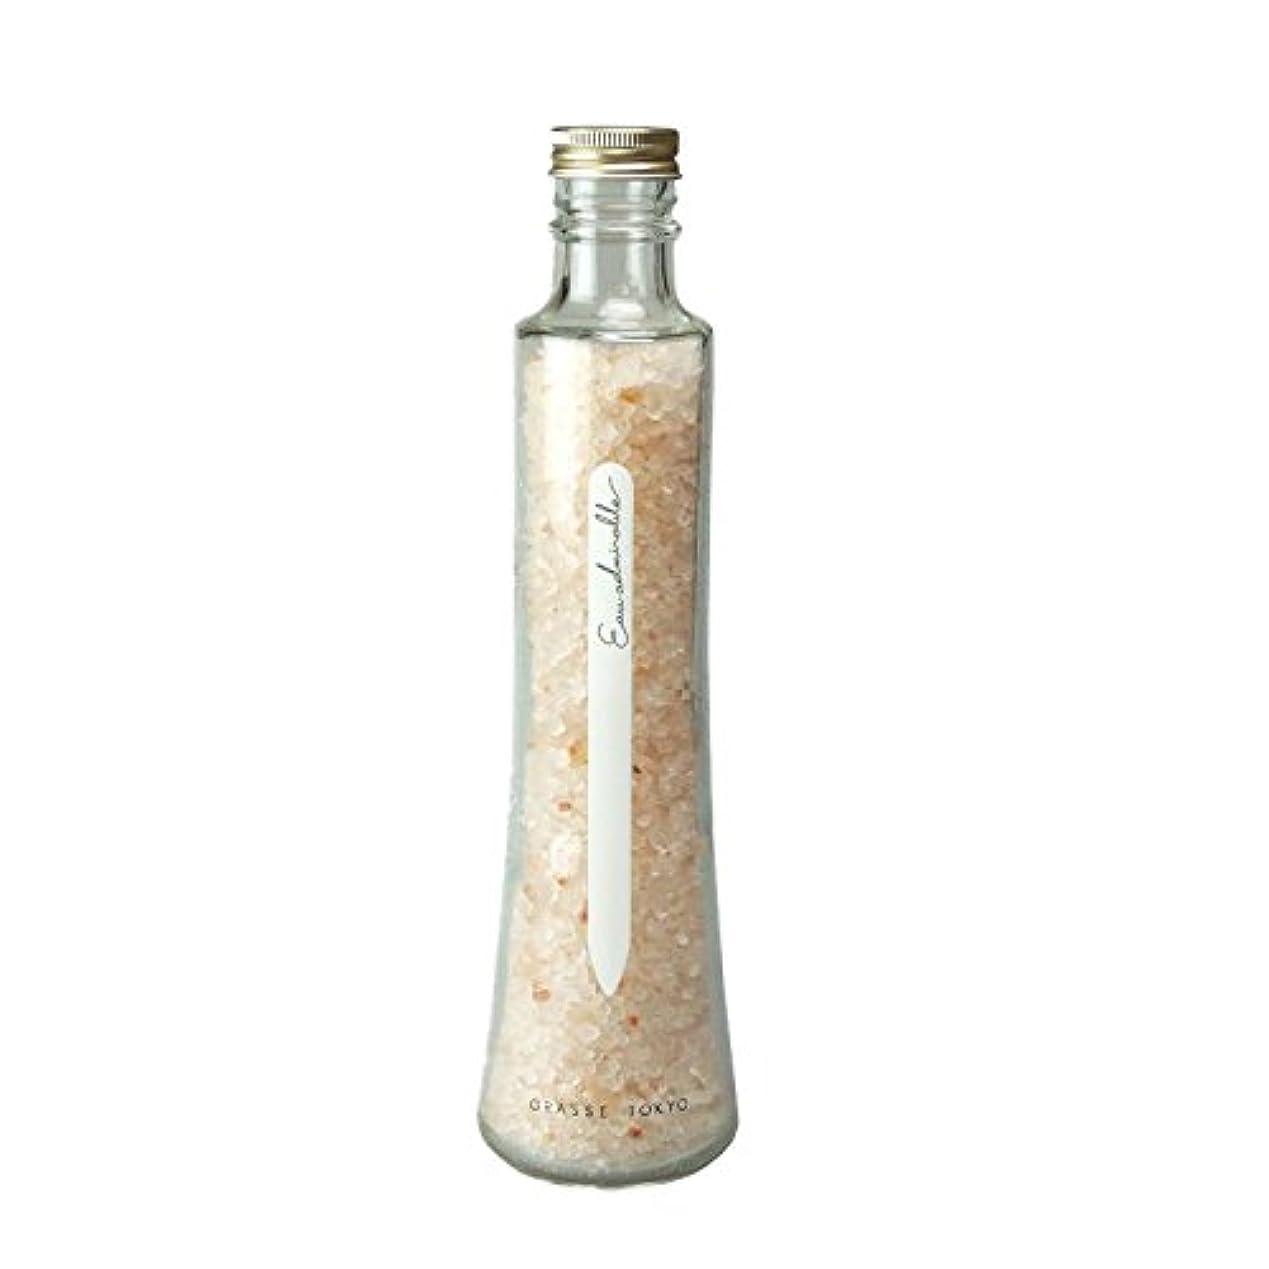 アクロバット愛国的な統合するグラーストウキョウ フレグランスソルト(浴用、12回分ボトル) Eau admirable 360g